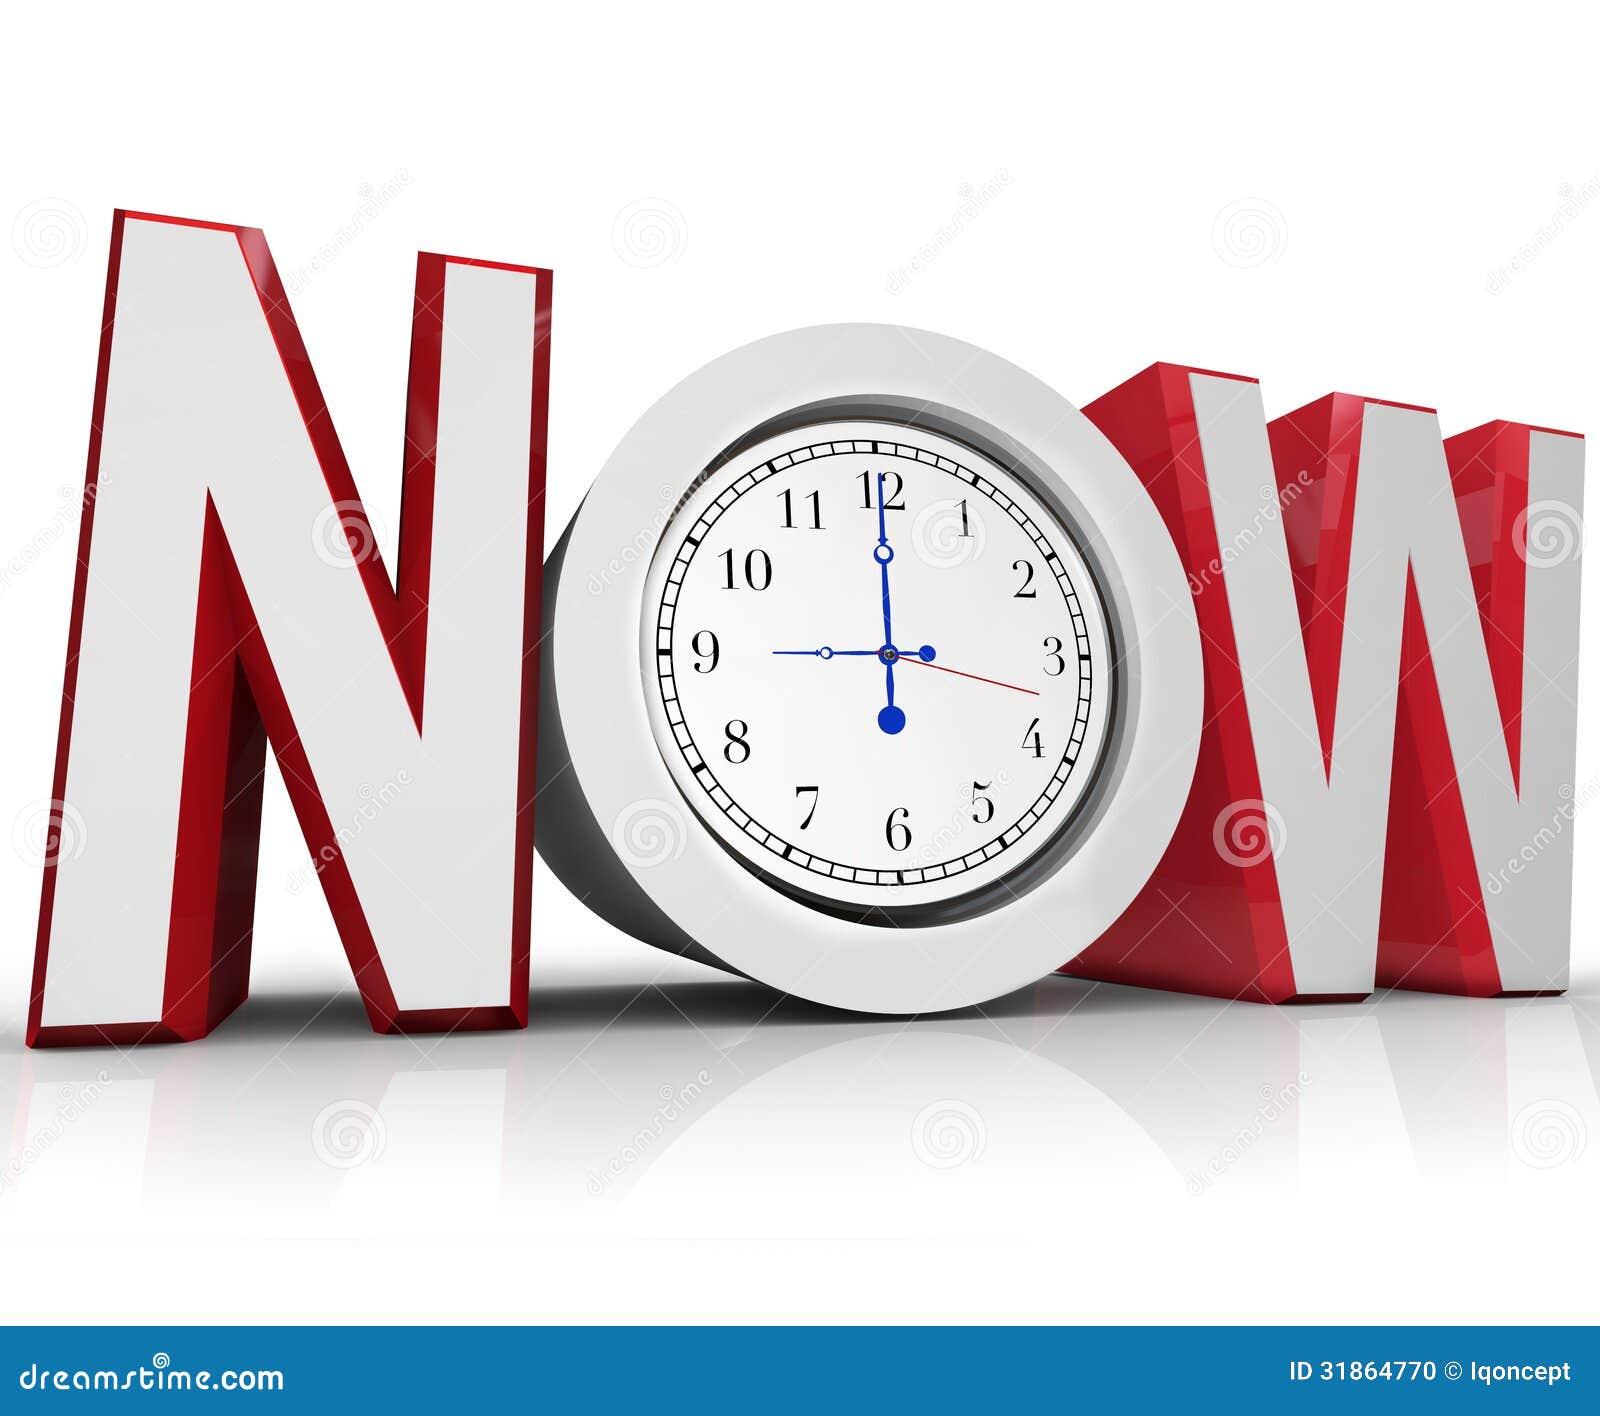 Ahora tiempo de medici n del reloj para la urgencia o la - Temperatura terrassa ahora ...